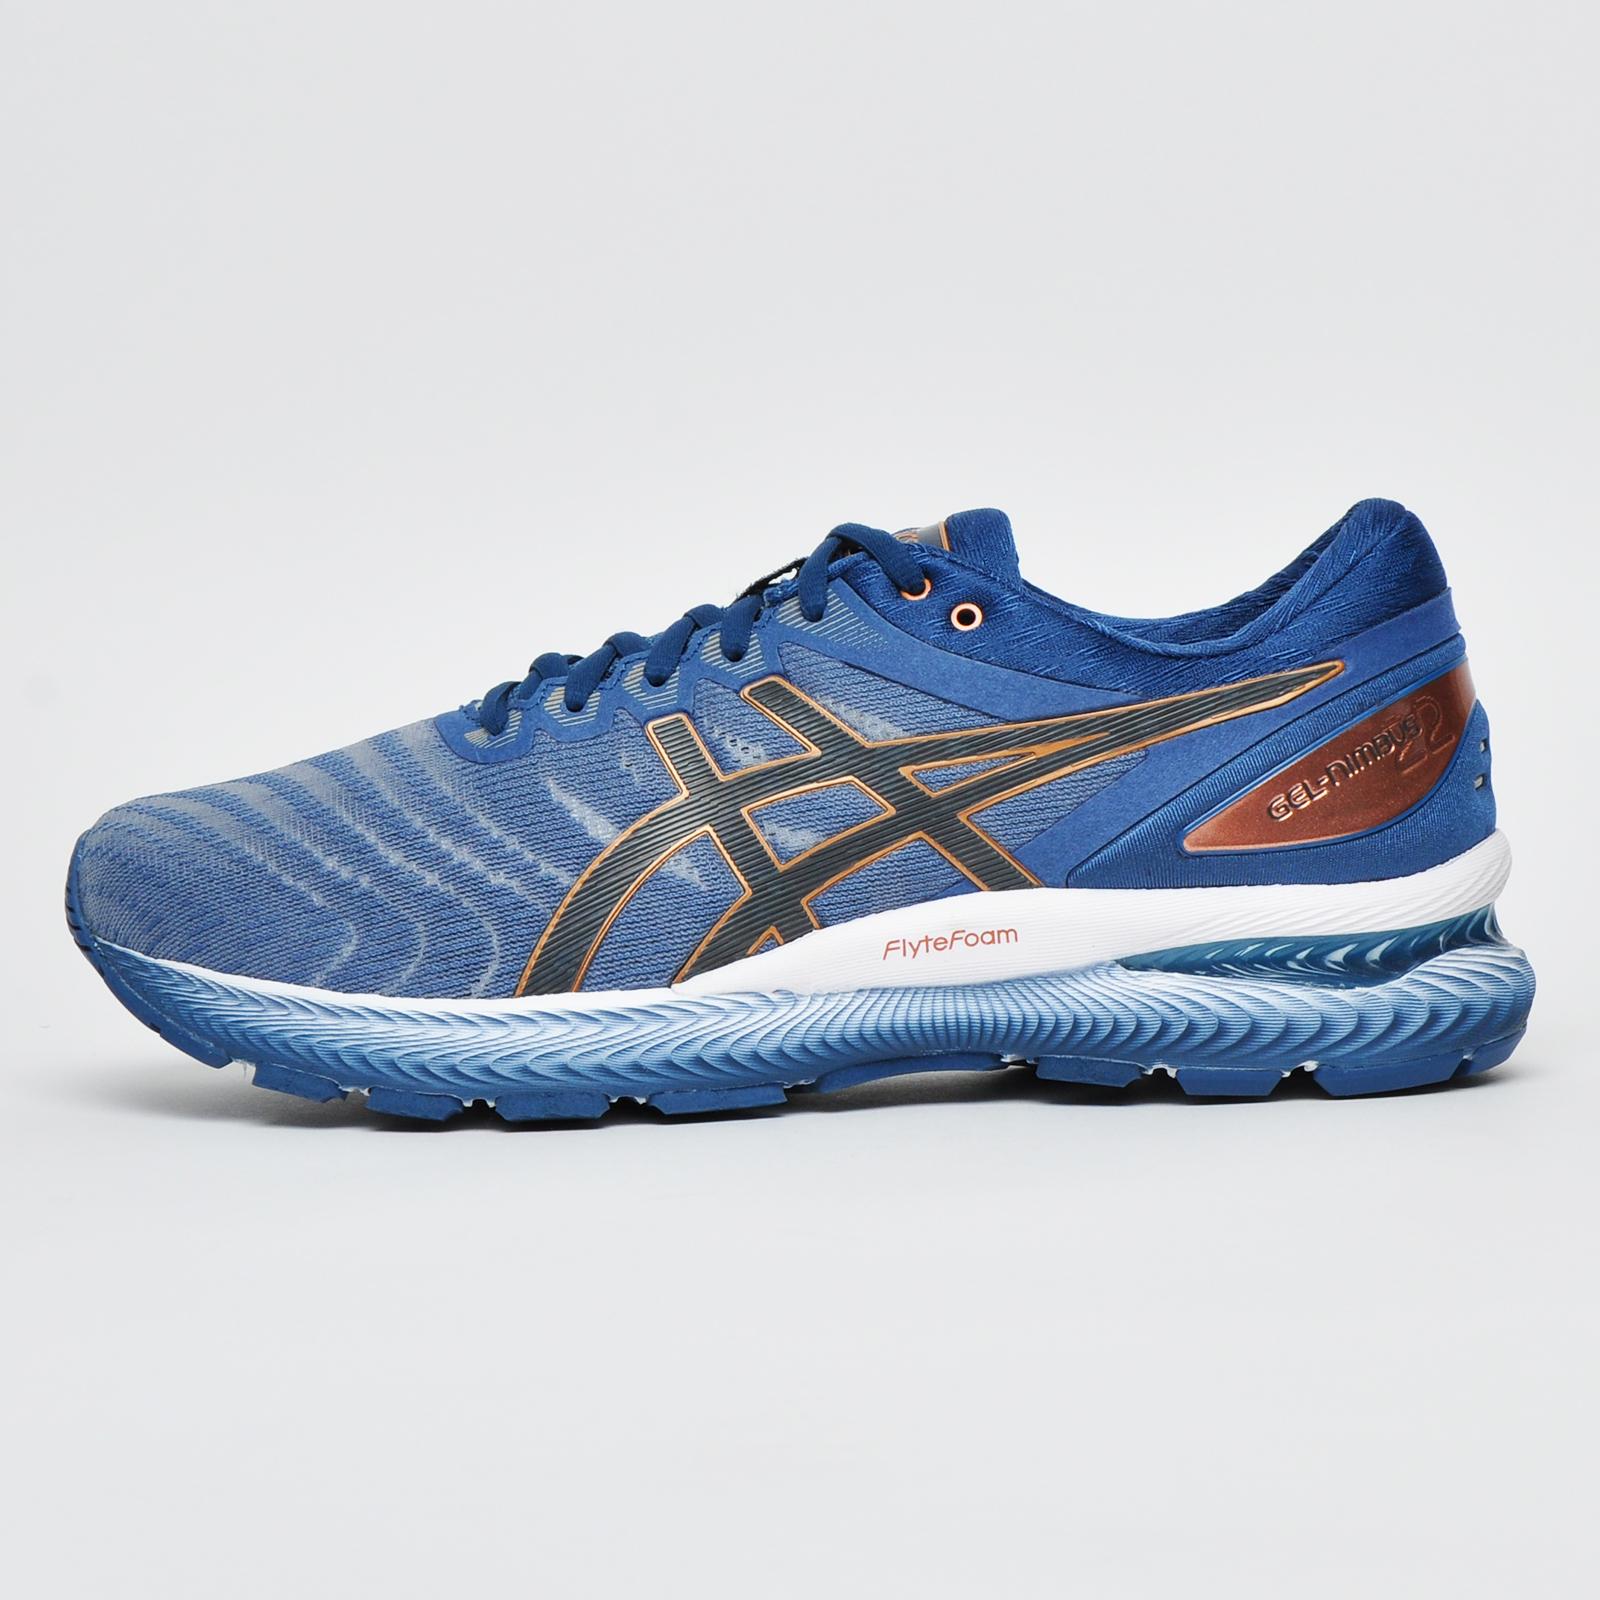 2018 Precio De Descuento Nuevo Estilo Zapatillas De Running Asics Gel Kayano 23 Para Hombre Zapatillas Deportivas De Moda Originales Tamaño 40 45